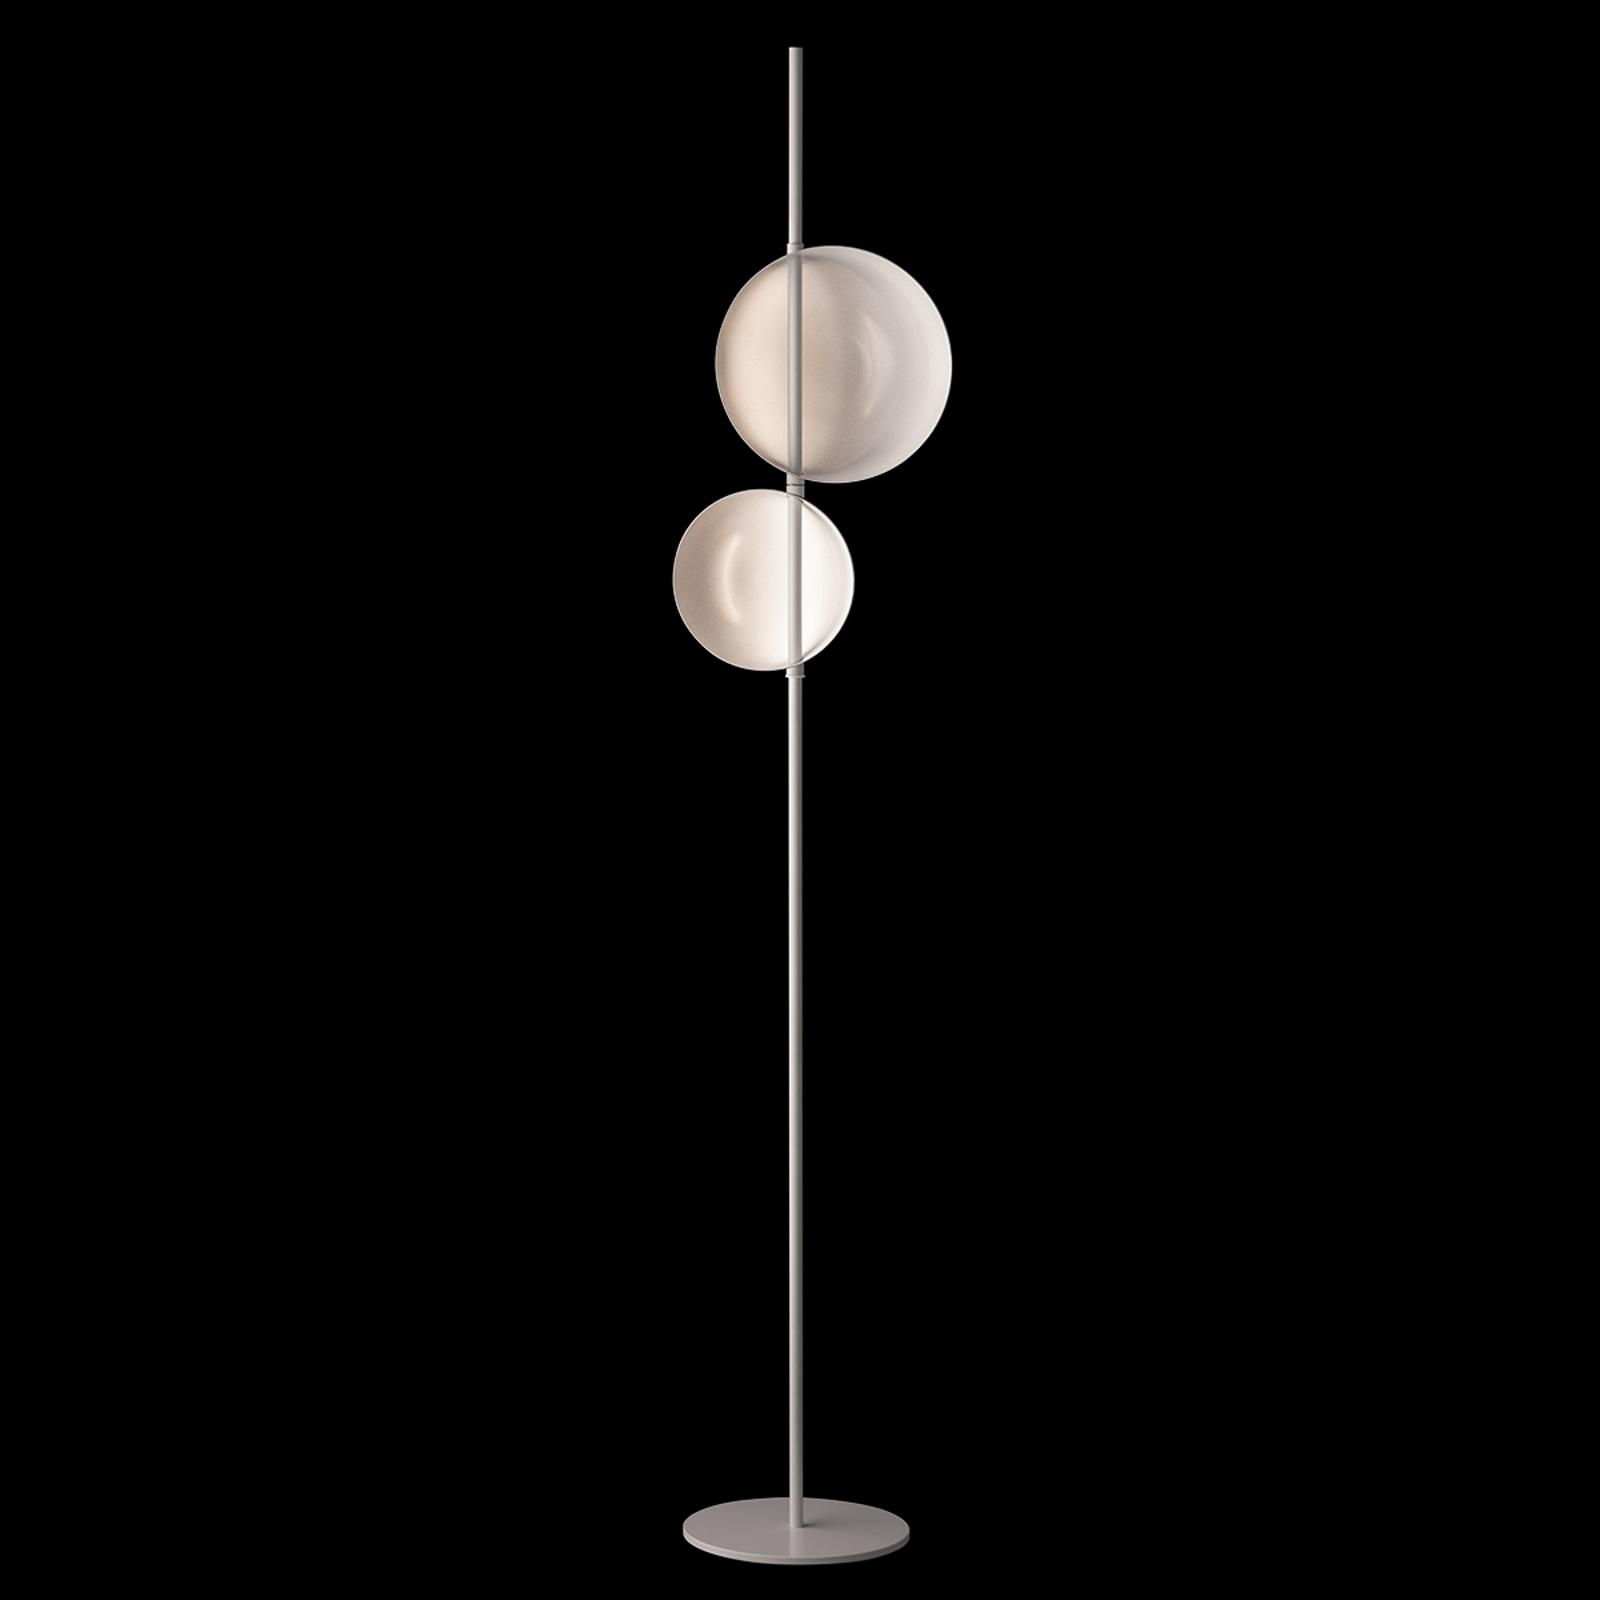 Oluce Superlana - lampadaire de designer avec LED